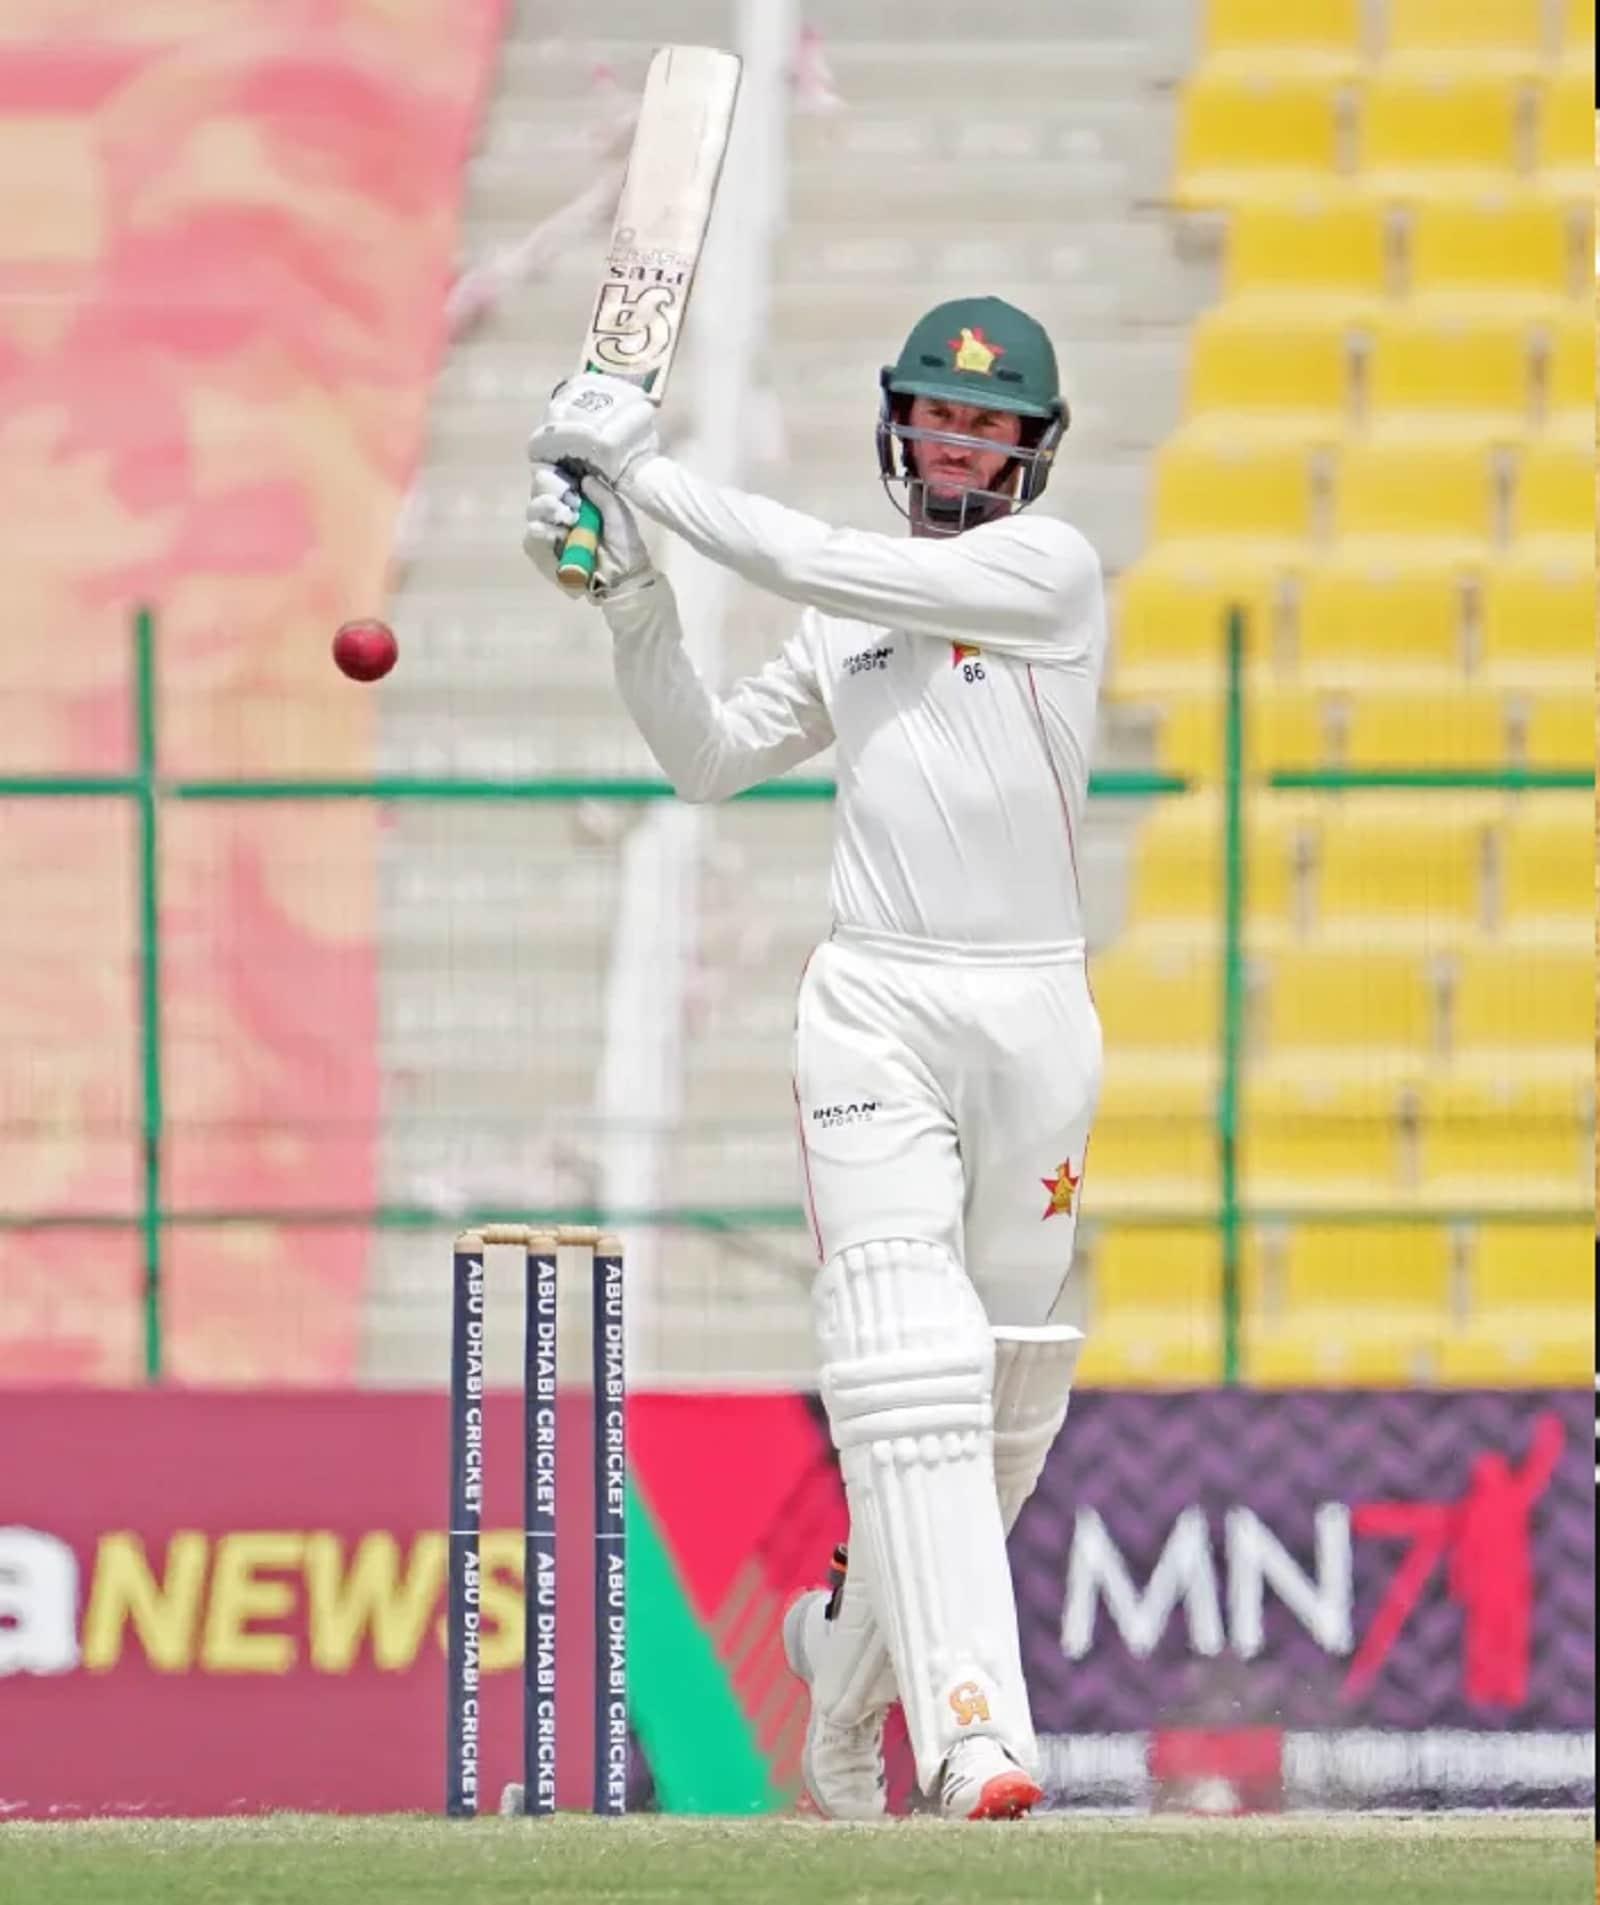 লড়াইয়ে রয়েছেন জিম্বাবোয়ের সিয়ান উইলিয়ামসও। তিনি ২টি সেঞ্চুরি-সহ ১৩২ গড়ে ২৬৪ রান করেছেন আফগানিস্তানের বিরুদ্ধে ২টি টেস্টে।